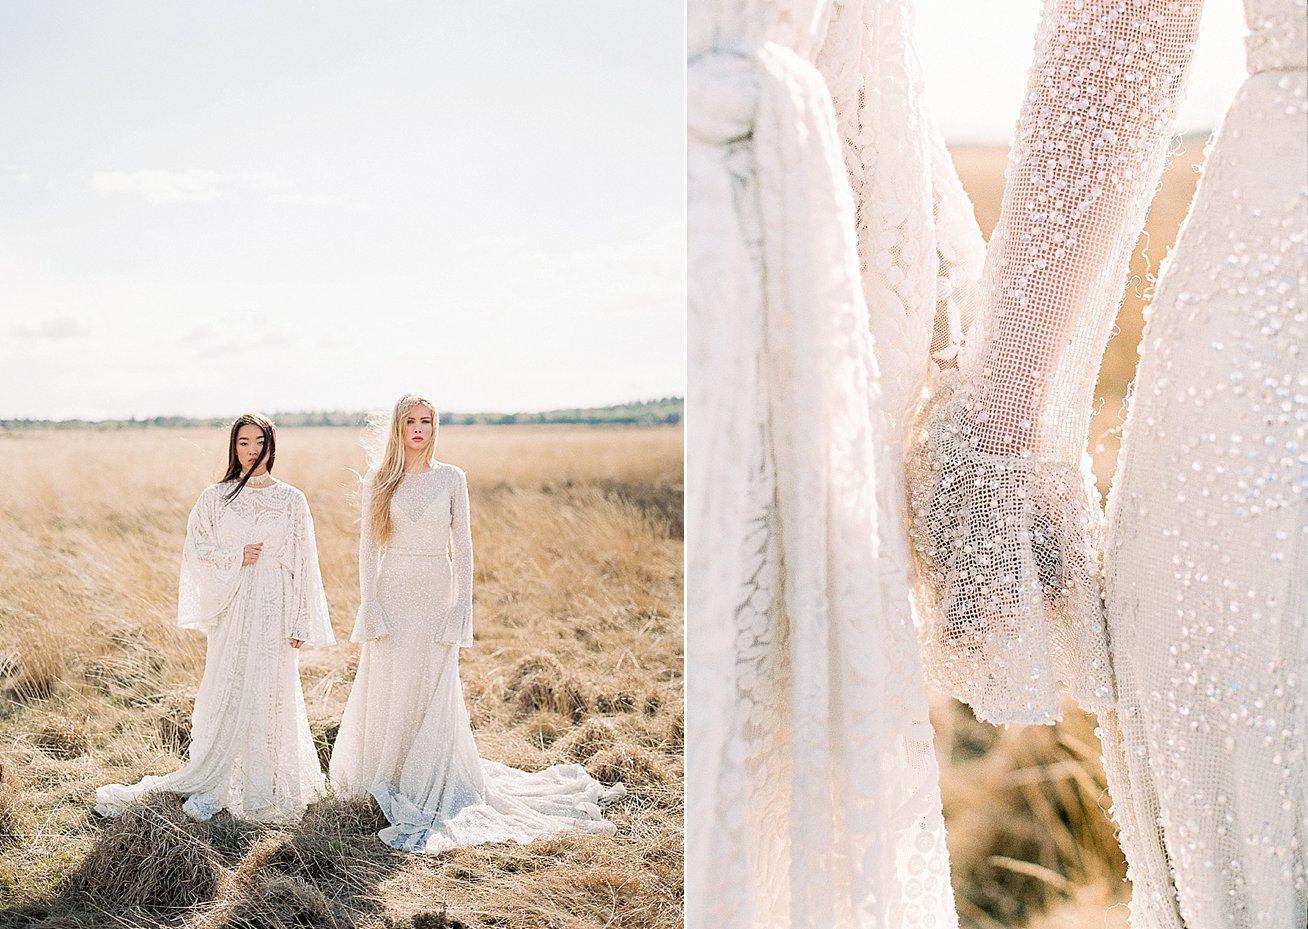 Amanda-Drost-modefotograaf-fashion-photography-editorial-odylyne-weddingdress_0014.jpg